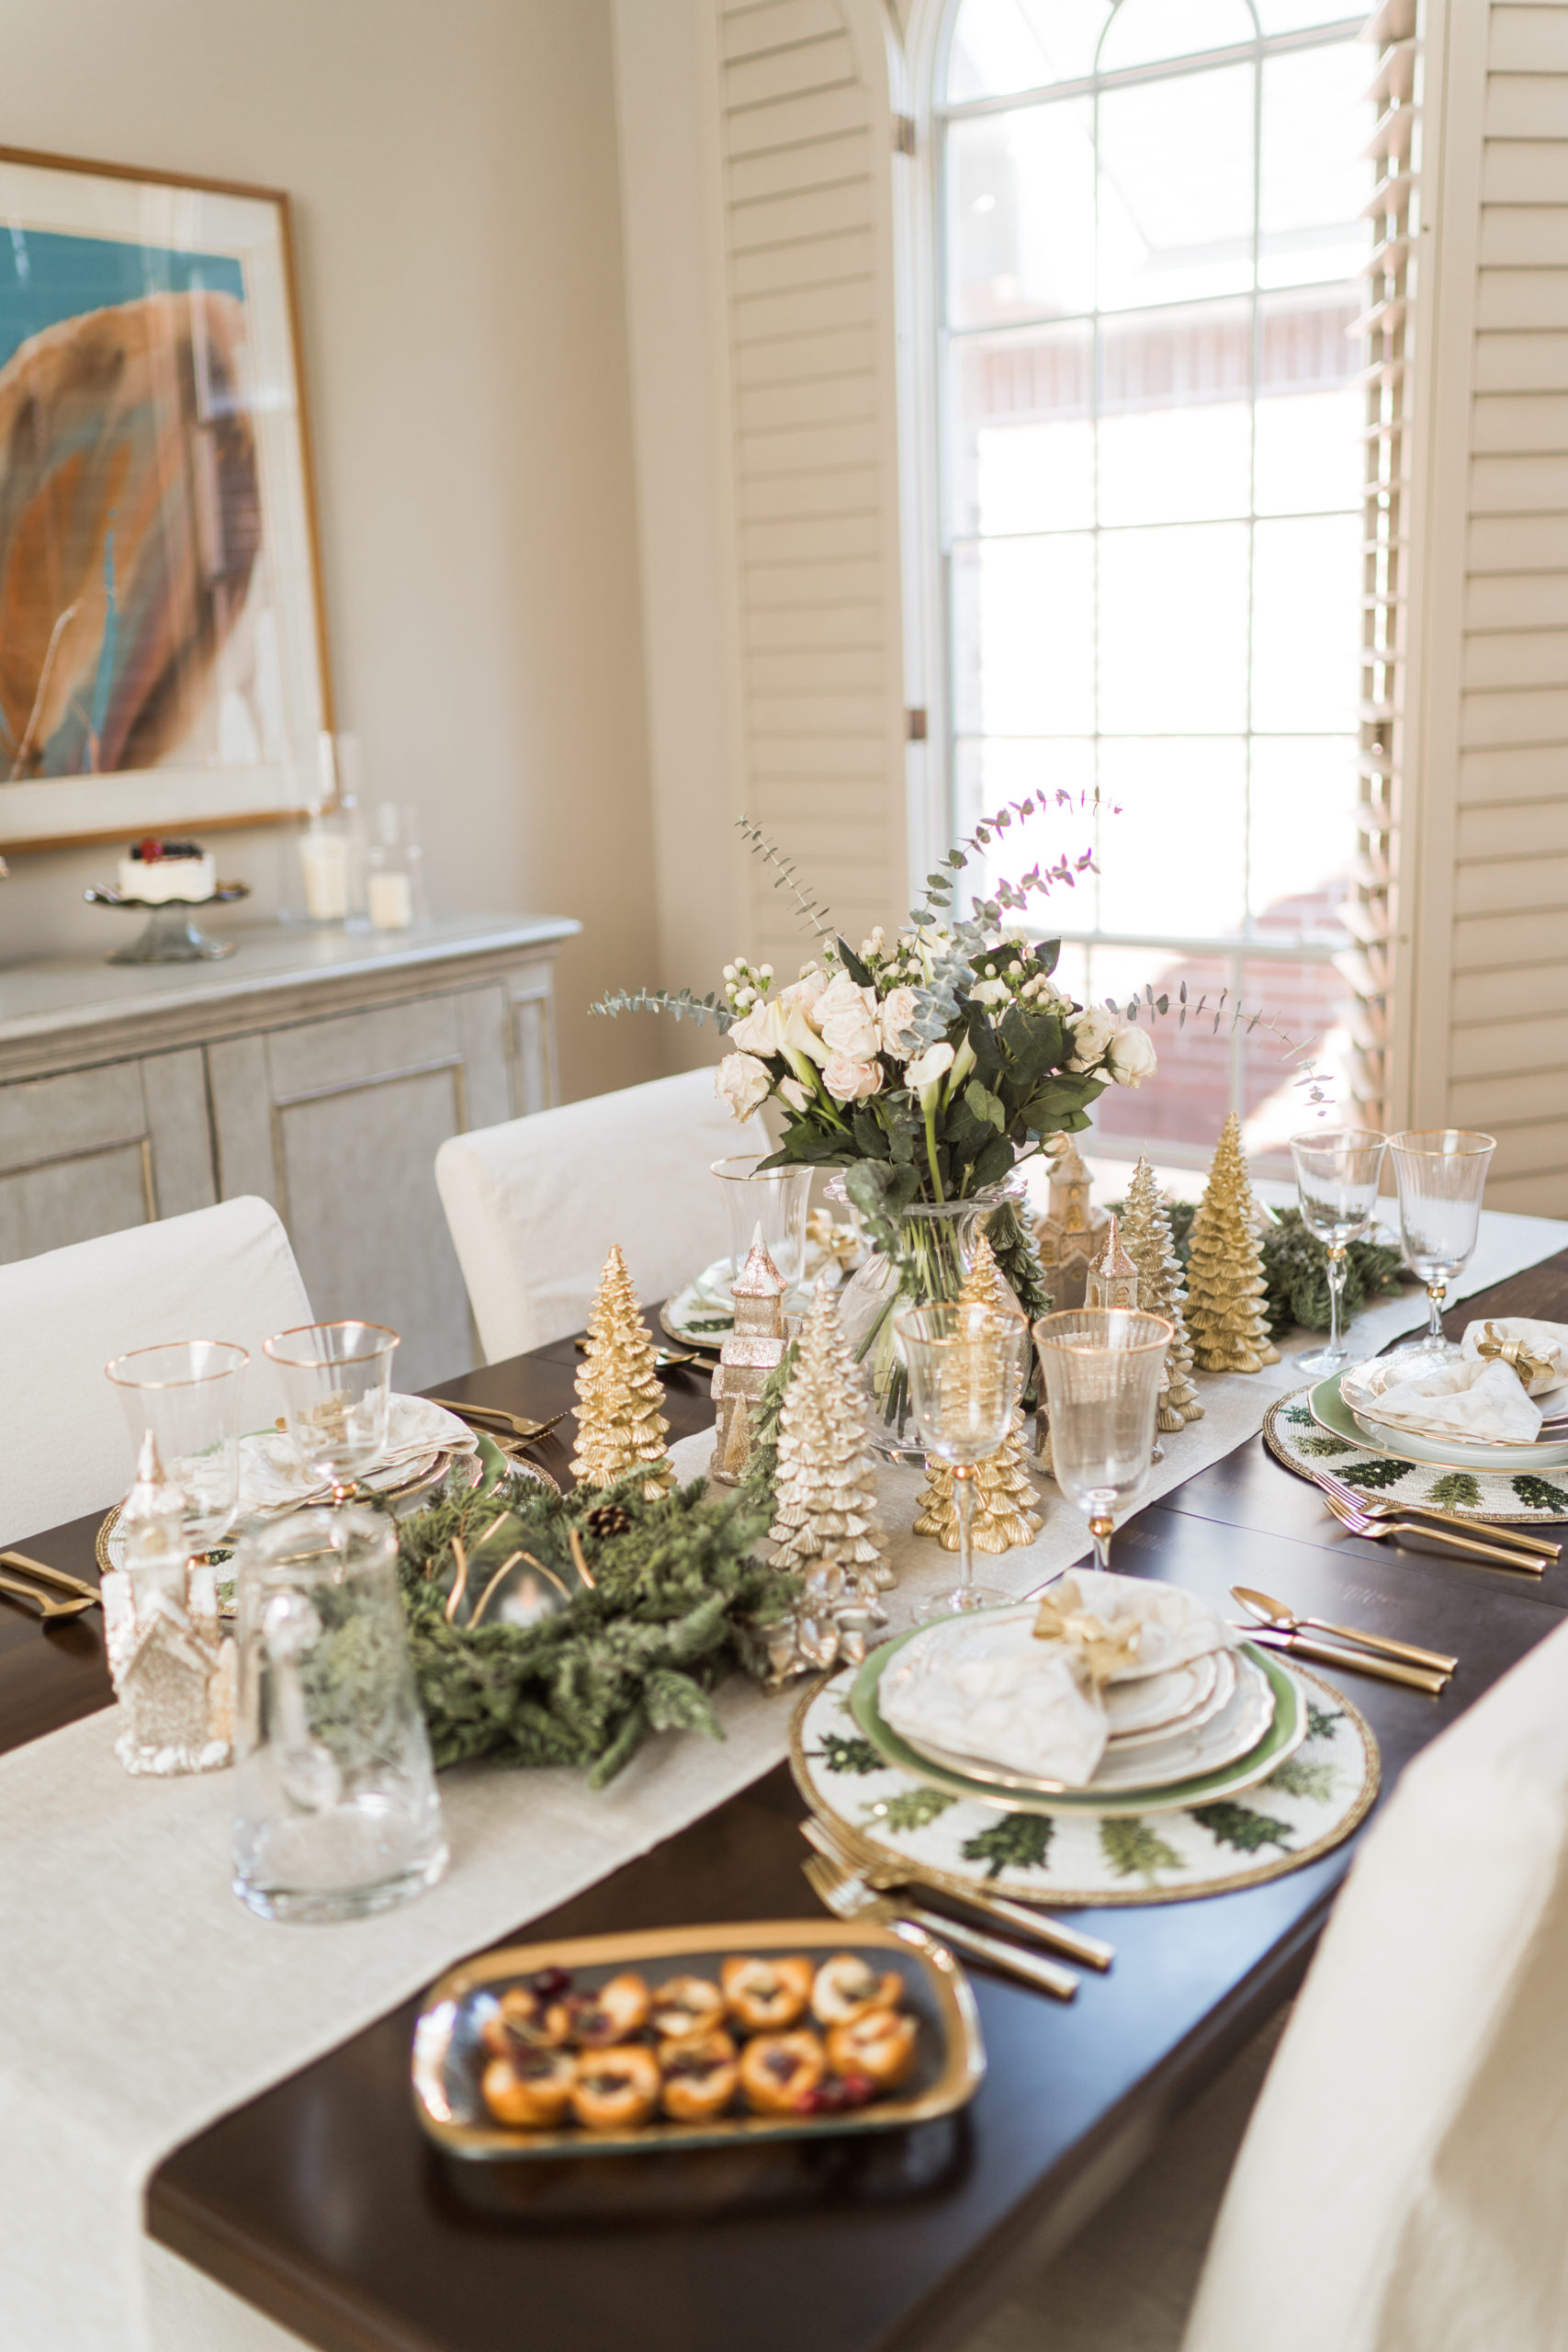 Elegant Christmas table for dinner